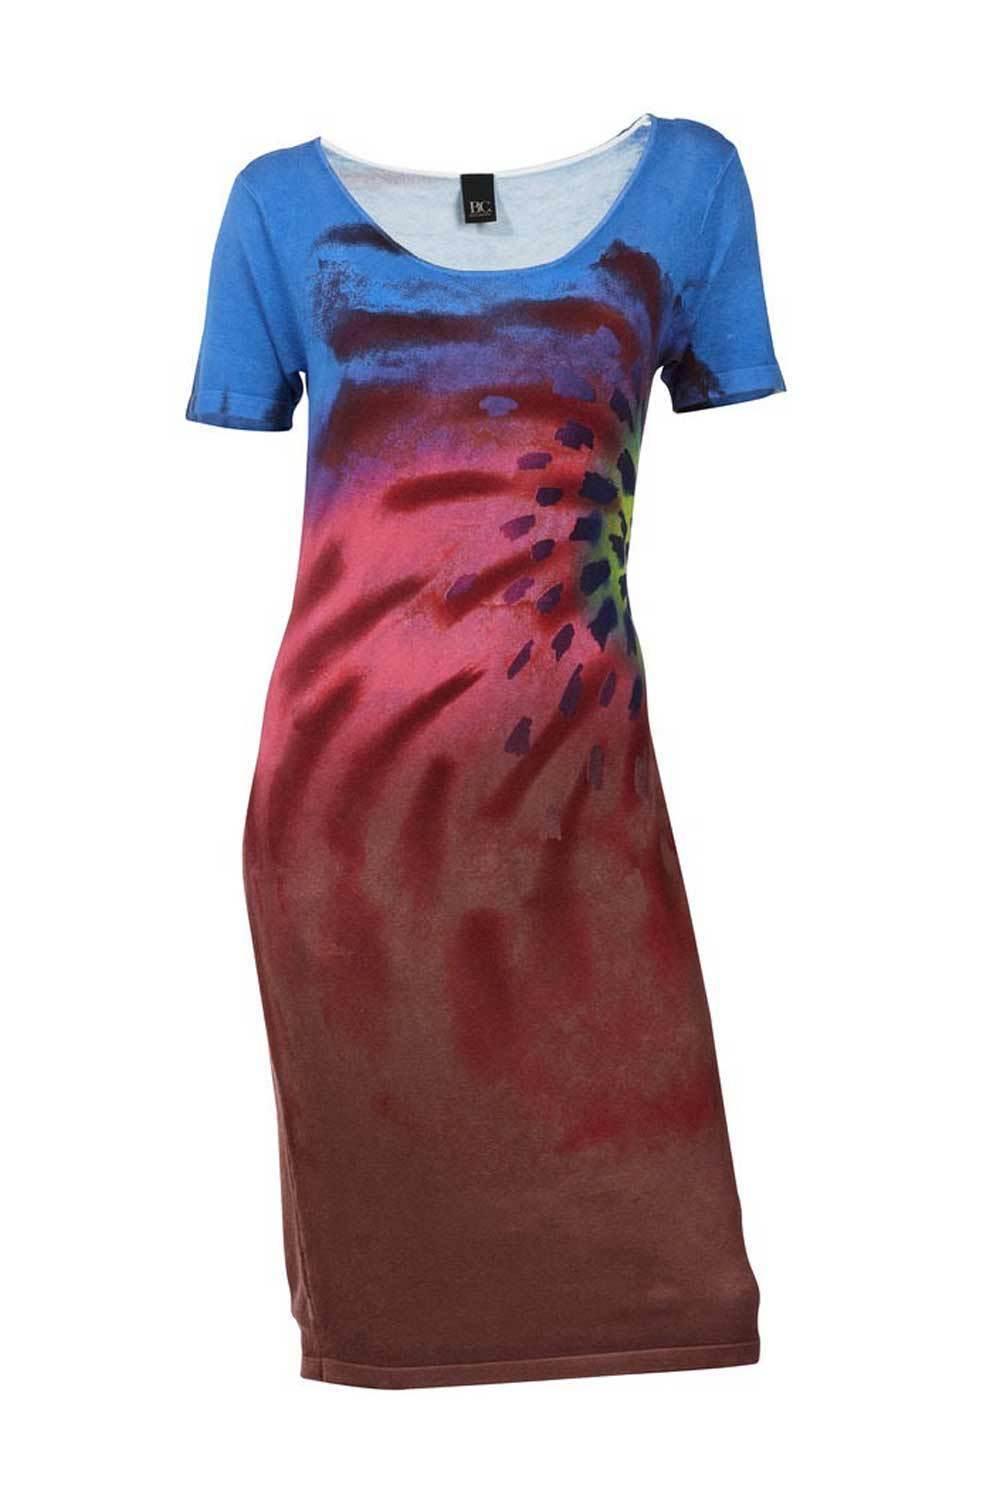 TCJ 002.622 Kleid Strickkleid gestrickt Abendkleid Sommerkleid Freizeitkleid